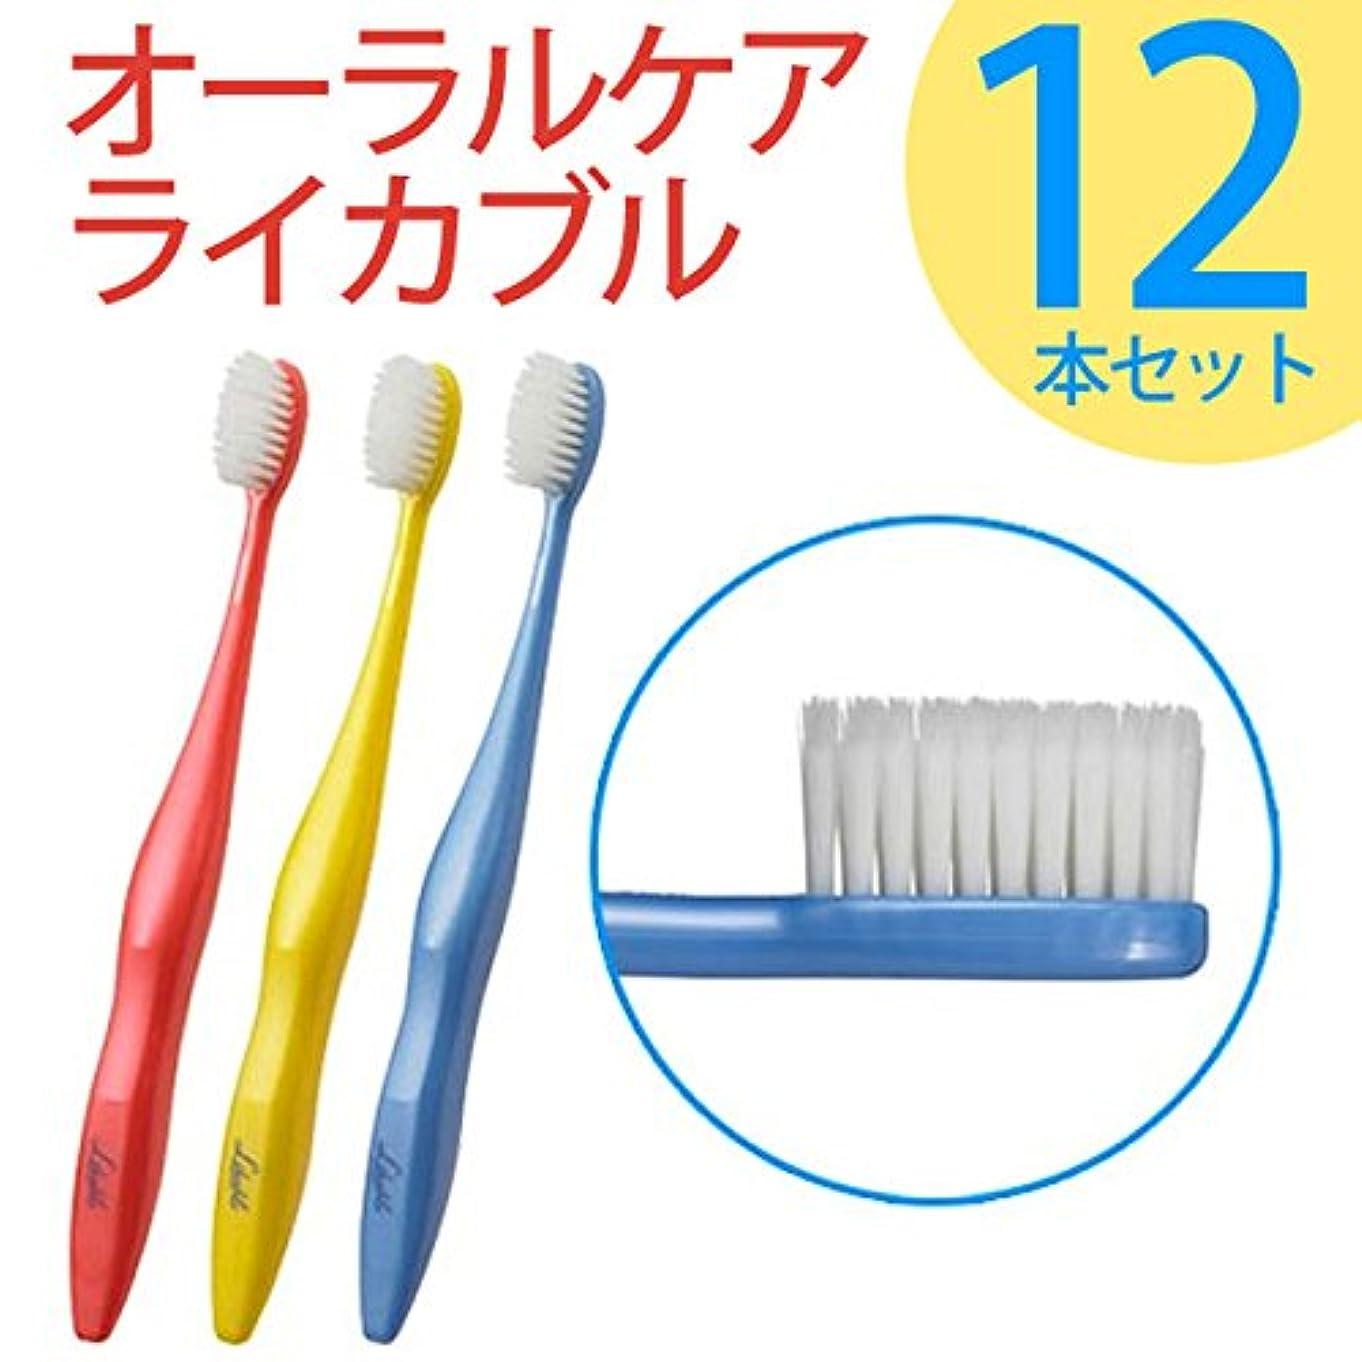 付録ごみ雪だるまライカブル ライカブル メンテナンス用 歯ブラシ 12本セット